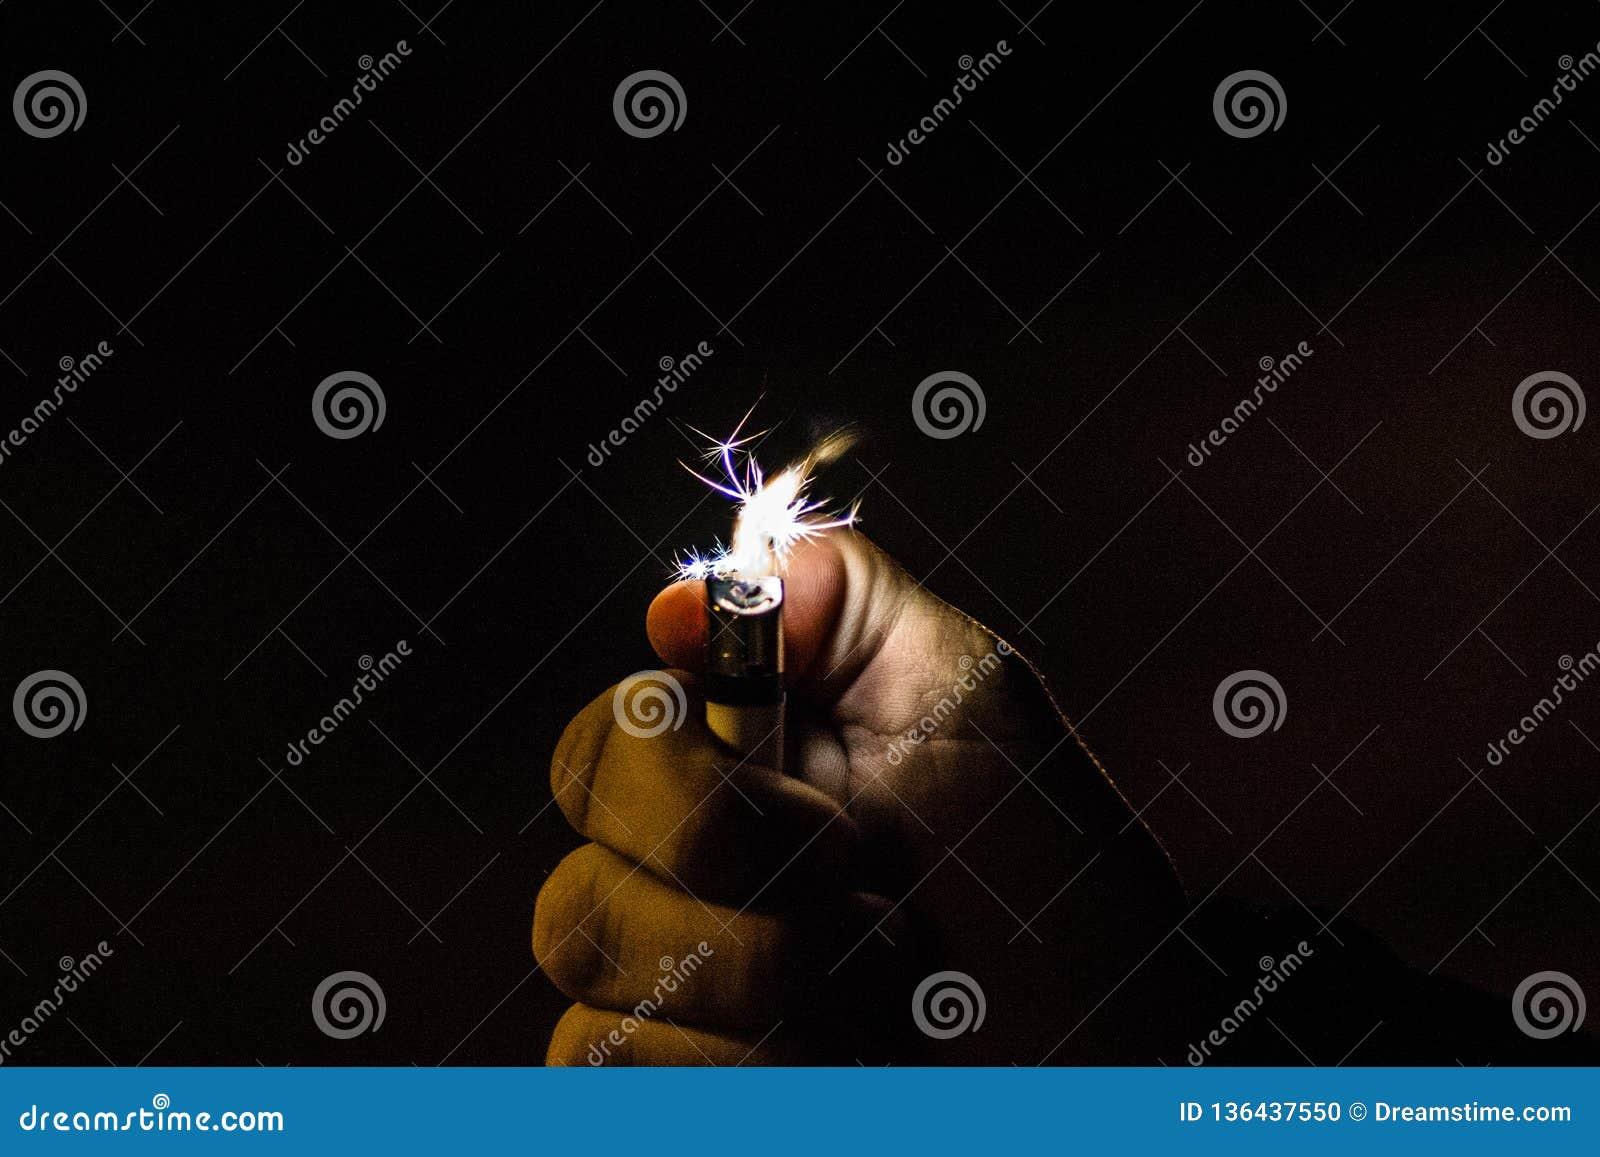 Зернистое изображение руки держа лихтер в ночи делая искру